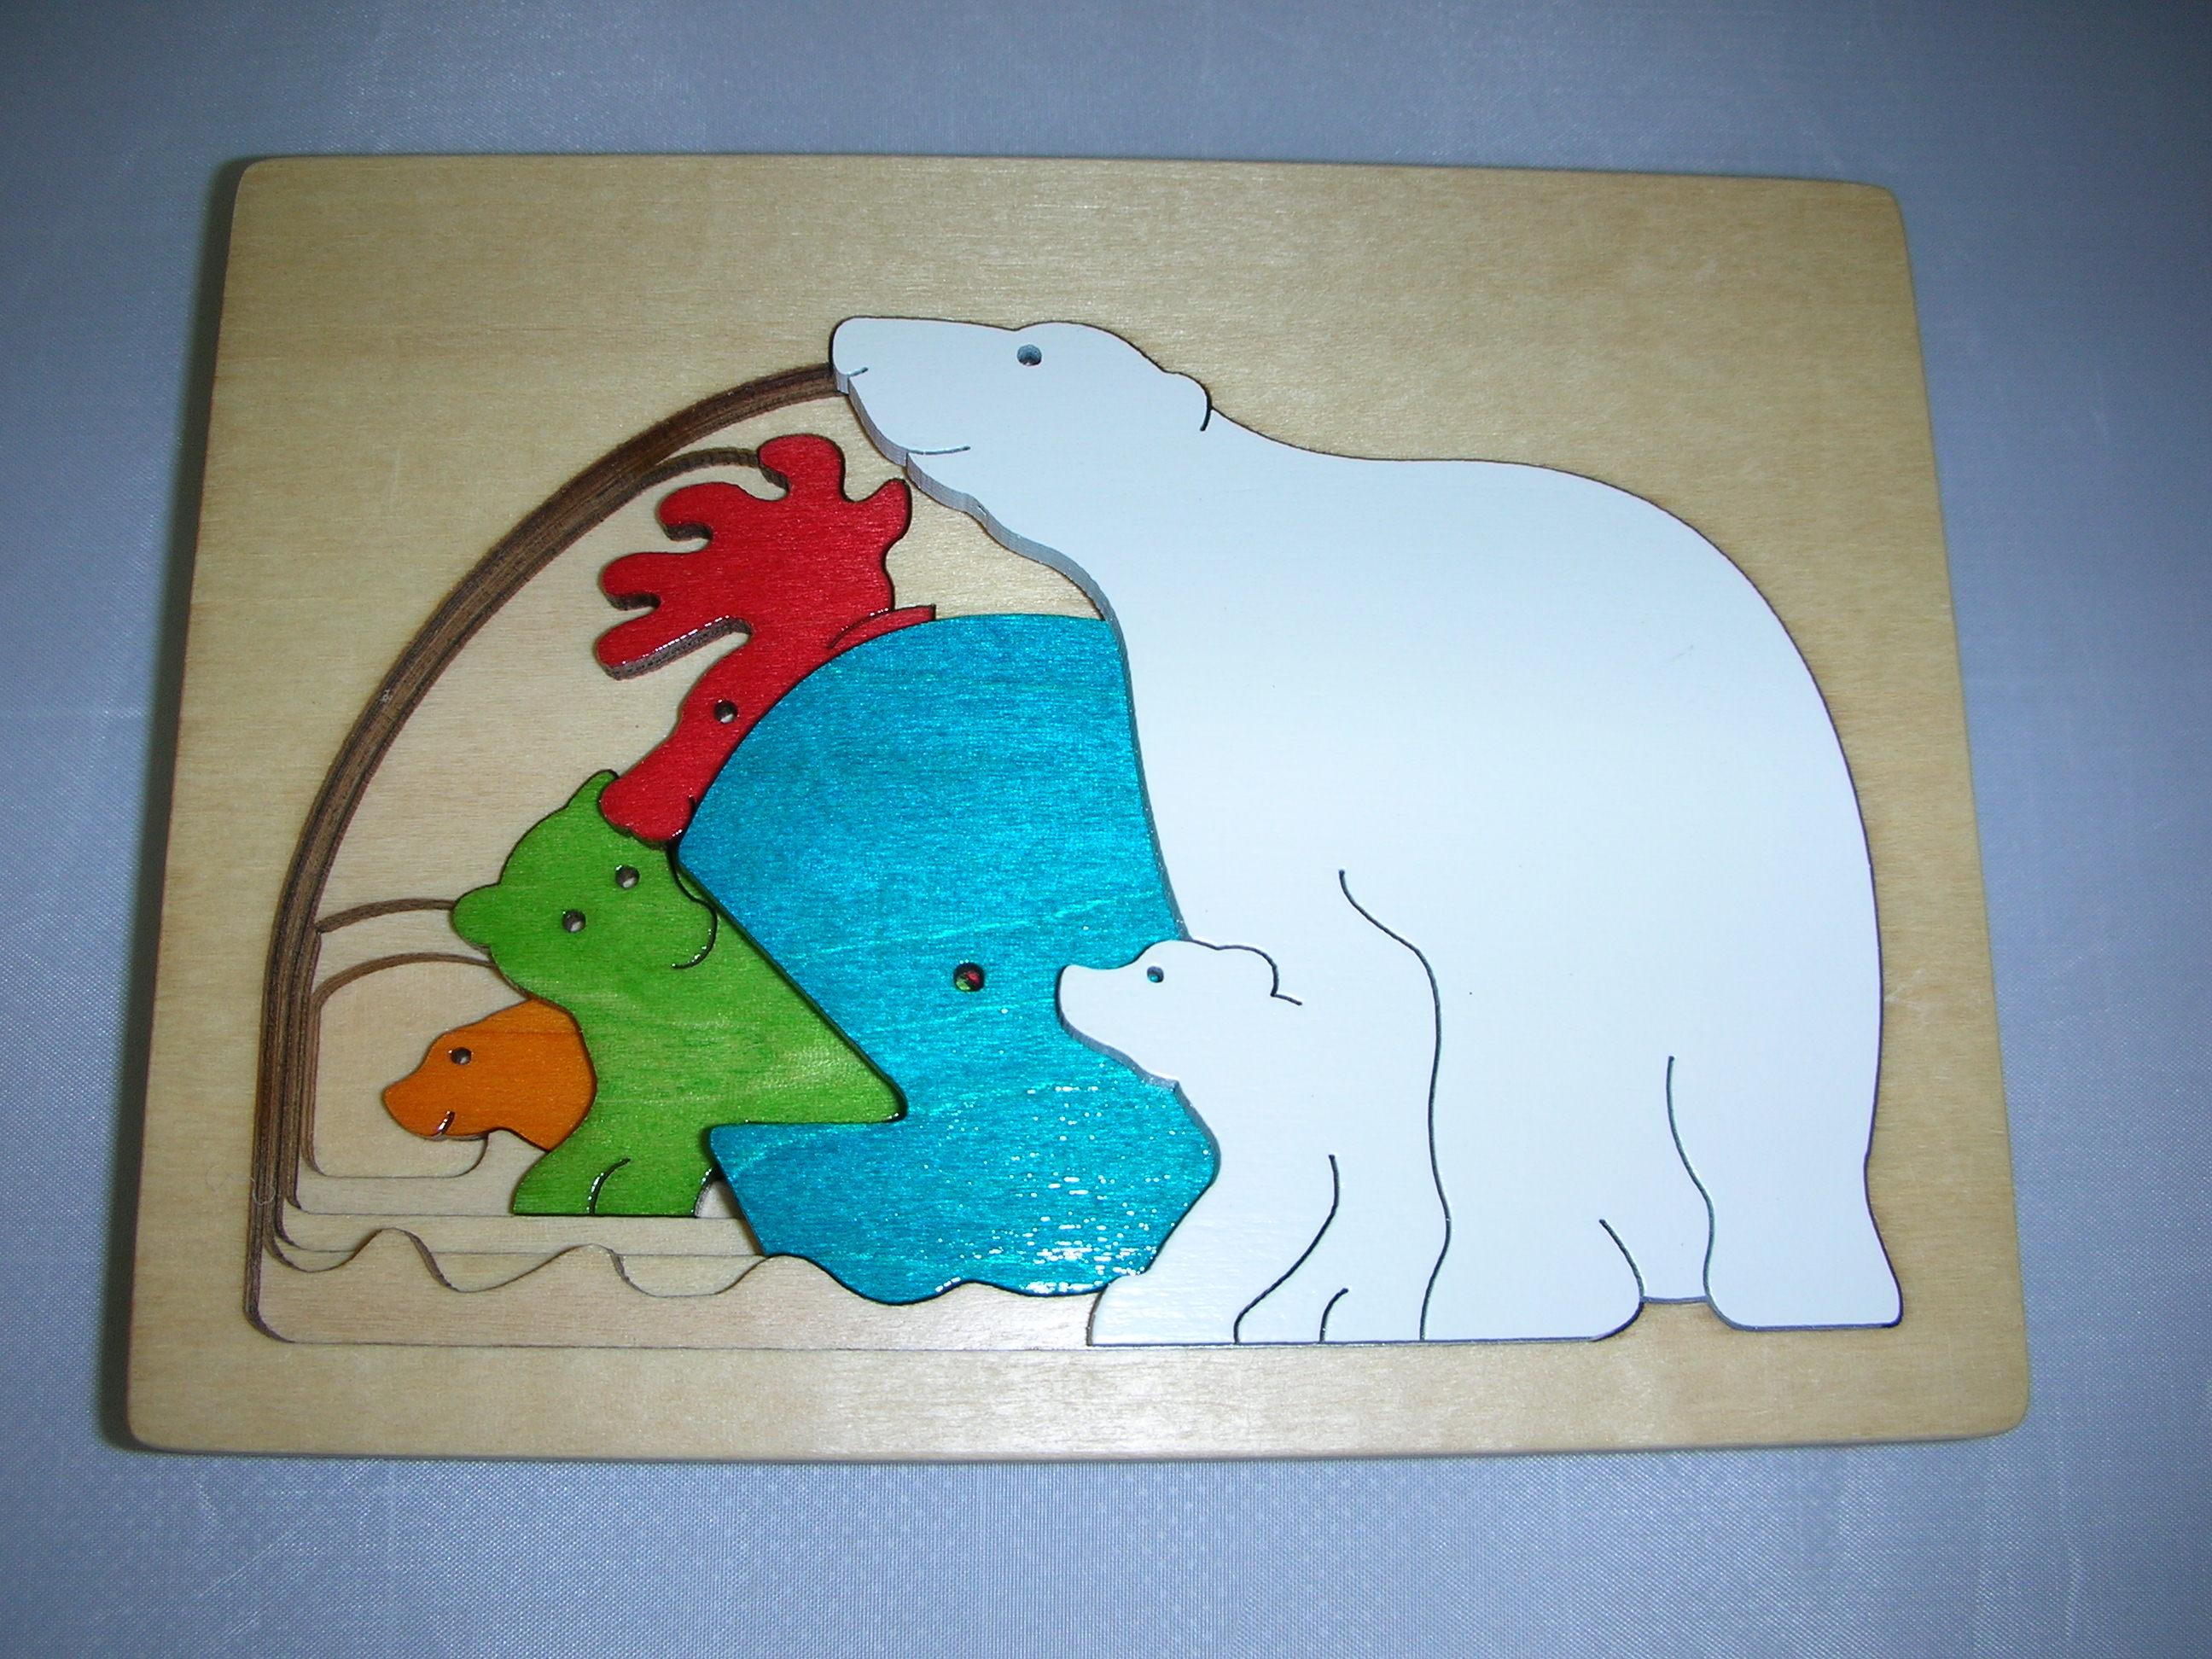 ピープパズル・しろくま 〜5種類の動物が1枚のパズルの中に〜